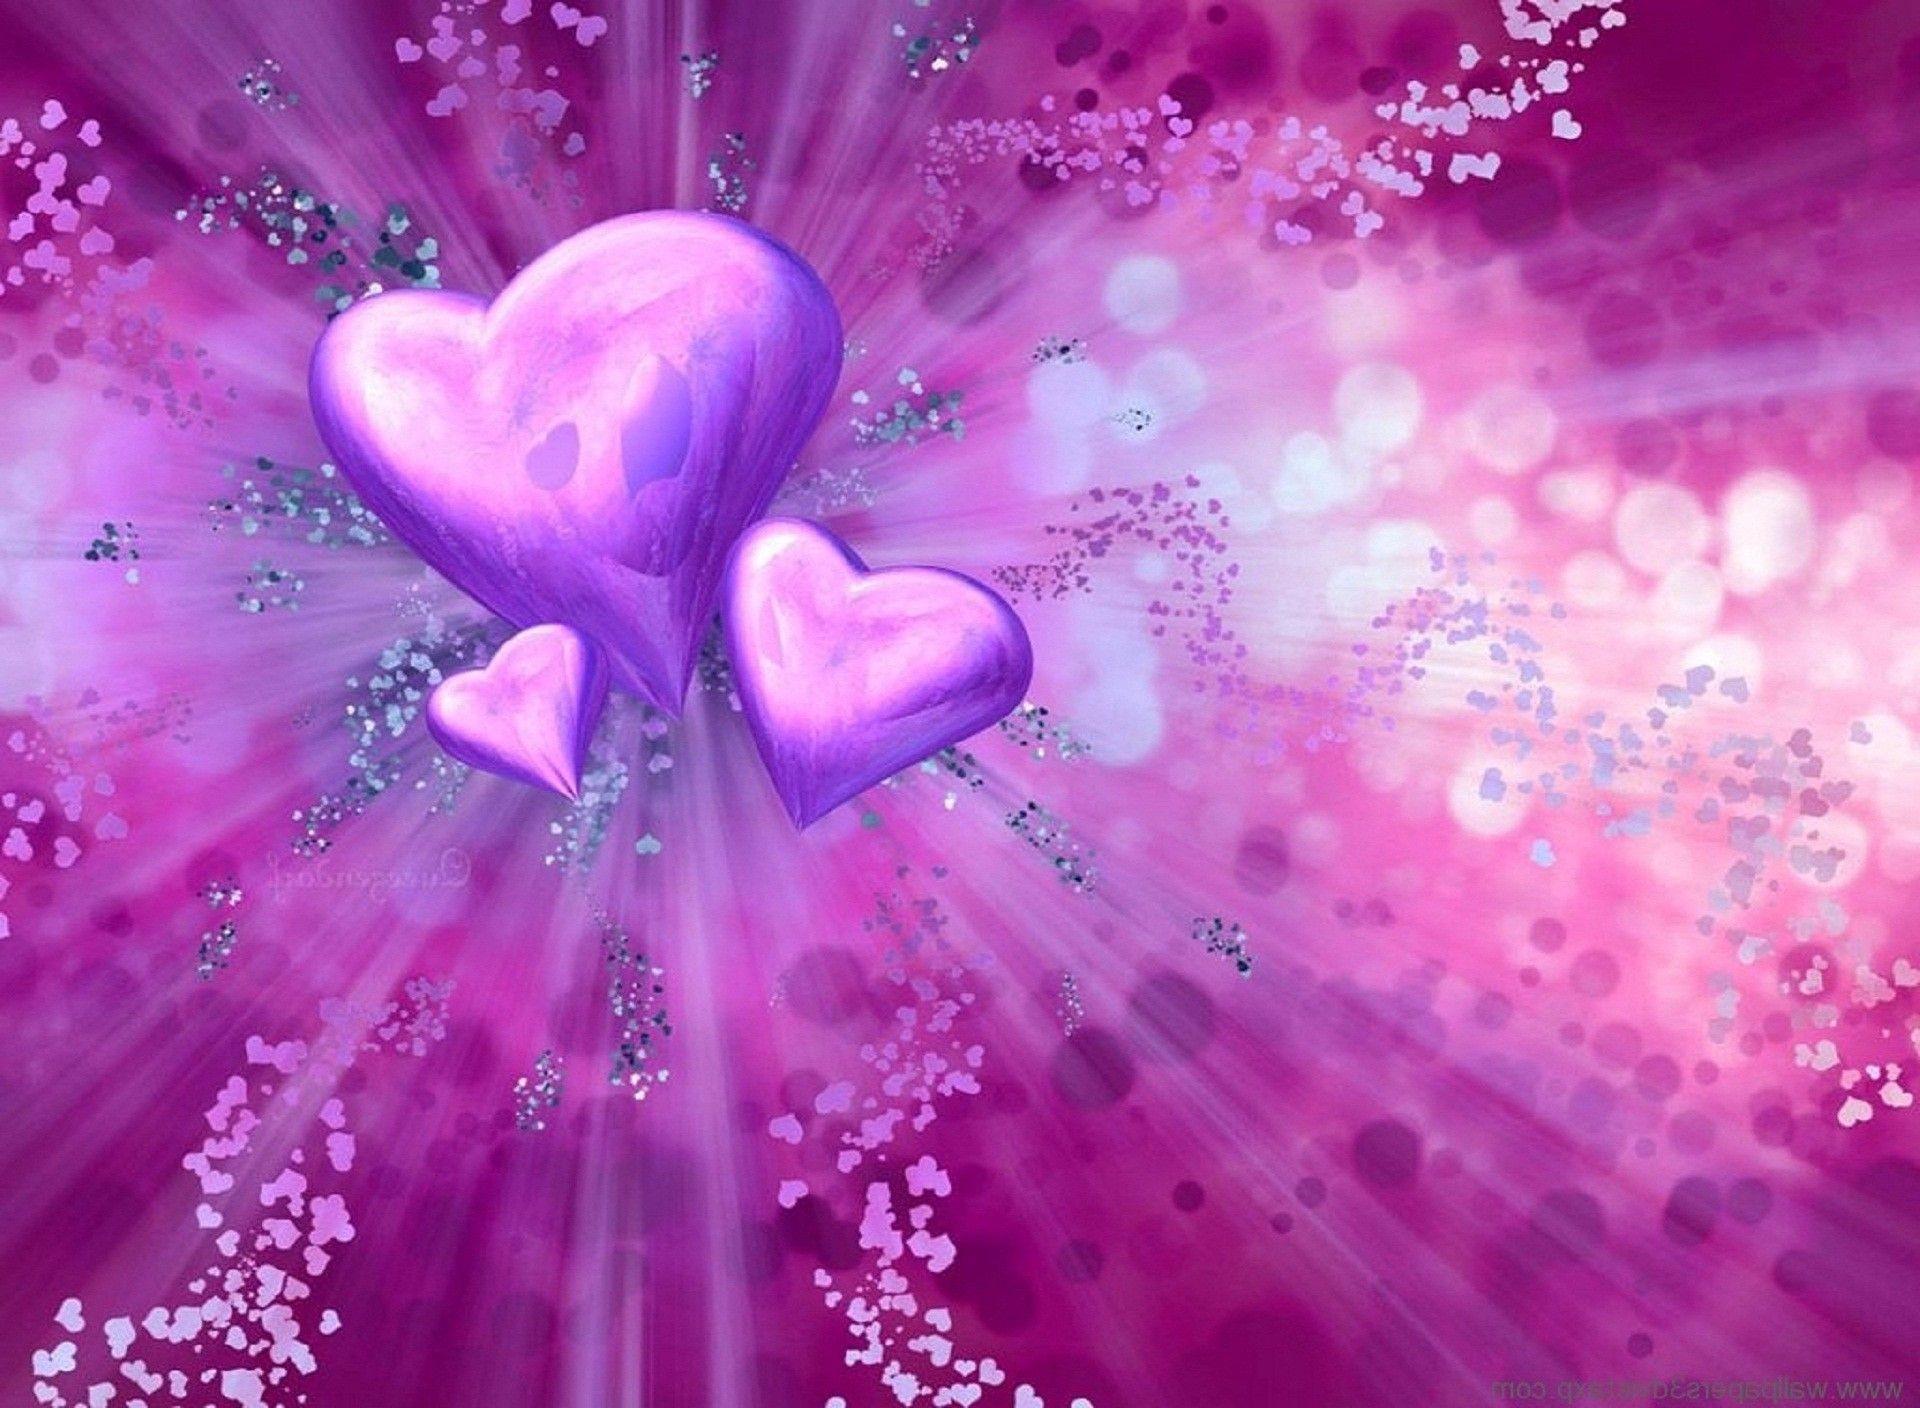 3d love heart purple wallpaper